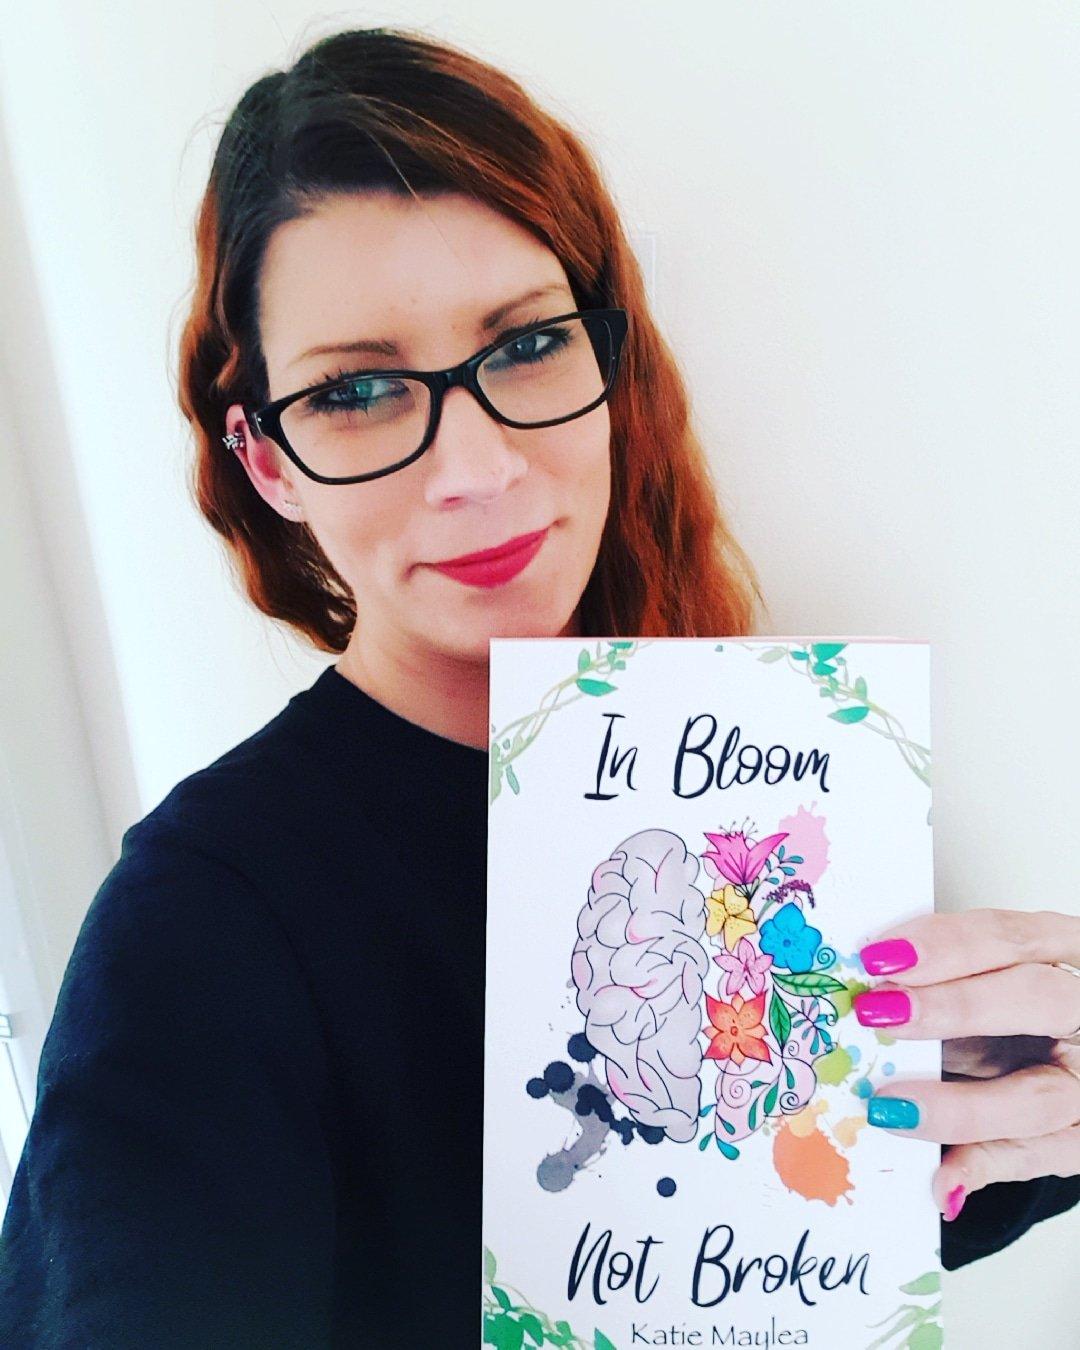 Katie Maylea - Mental health - In Bloom Not Broken